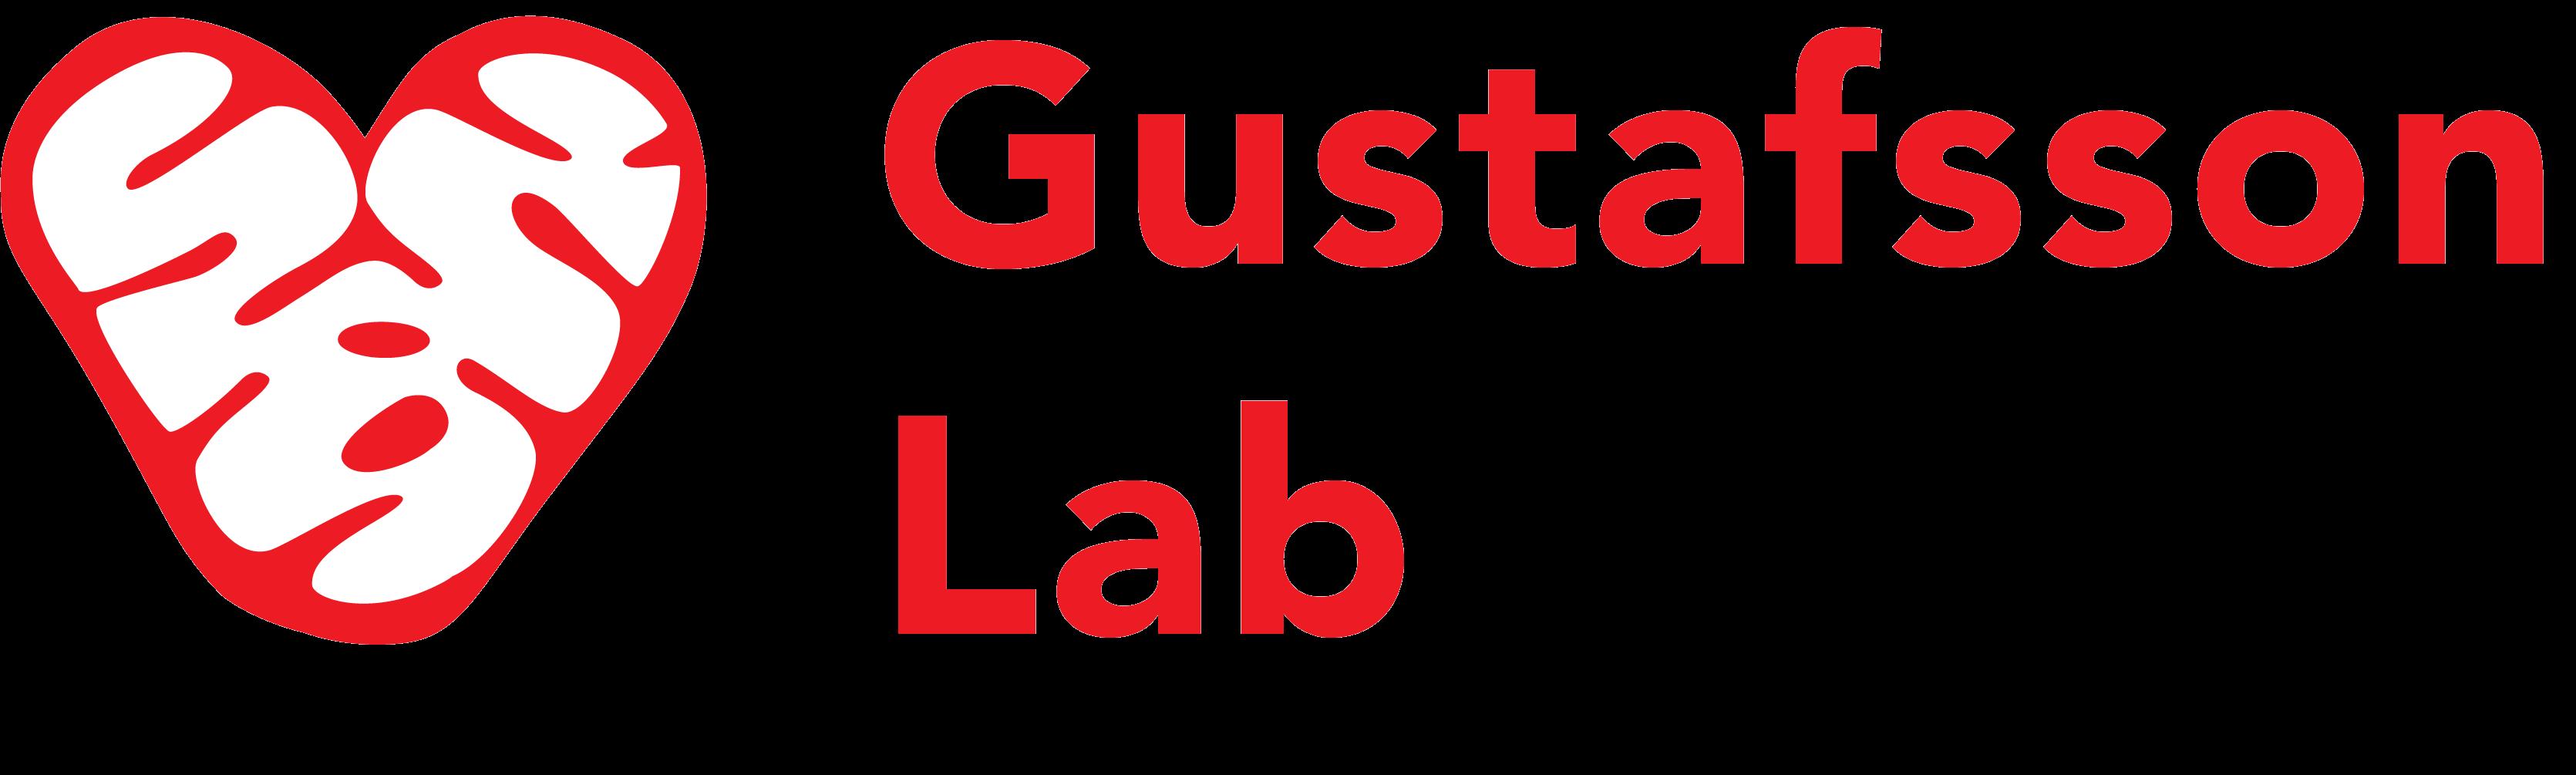 Gustafsson Lab